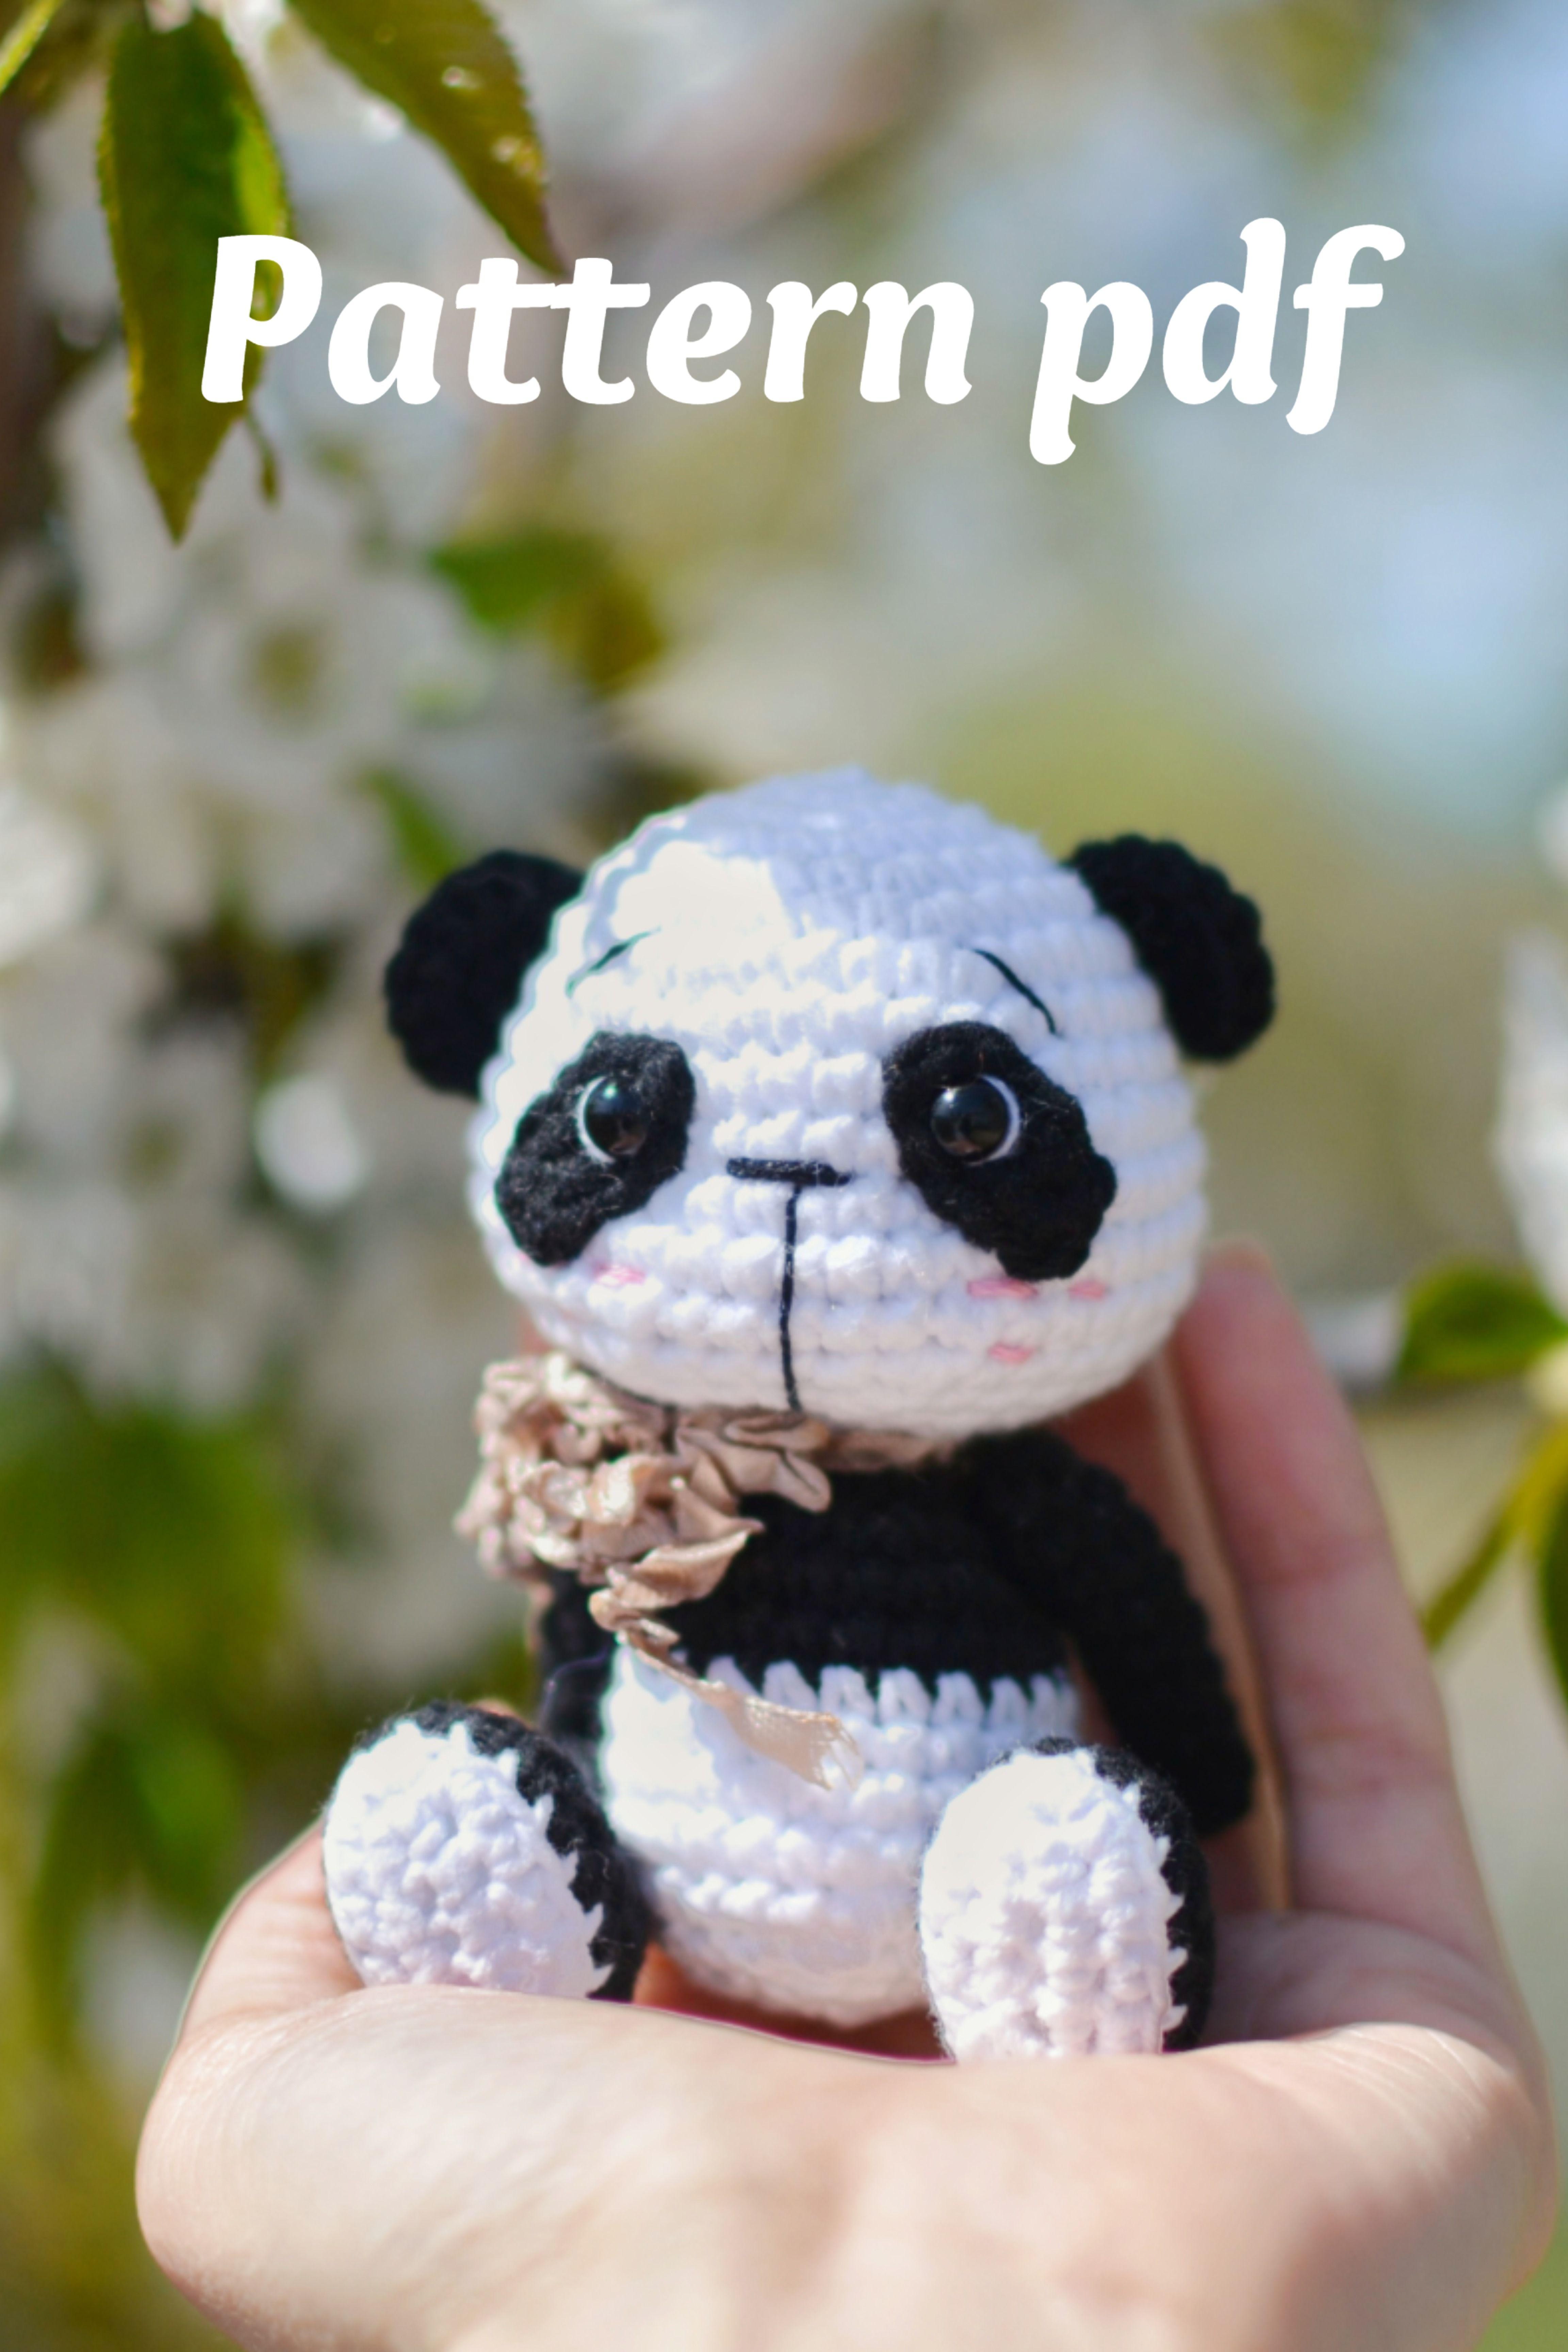 crochet pattern panda, cute panda, amigurumi panda pattern, crochet template PDF amigurumi tutorial panda toy,a gift with your own hands